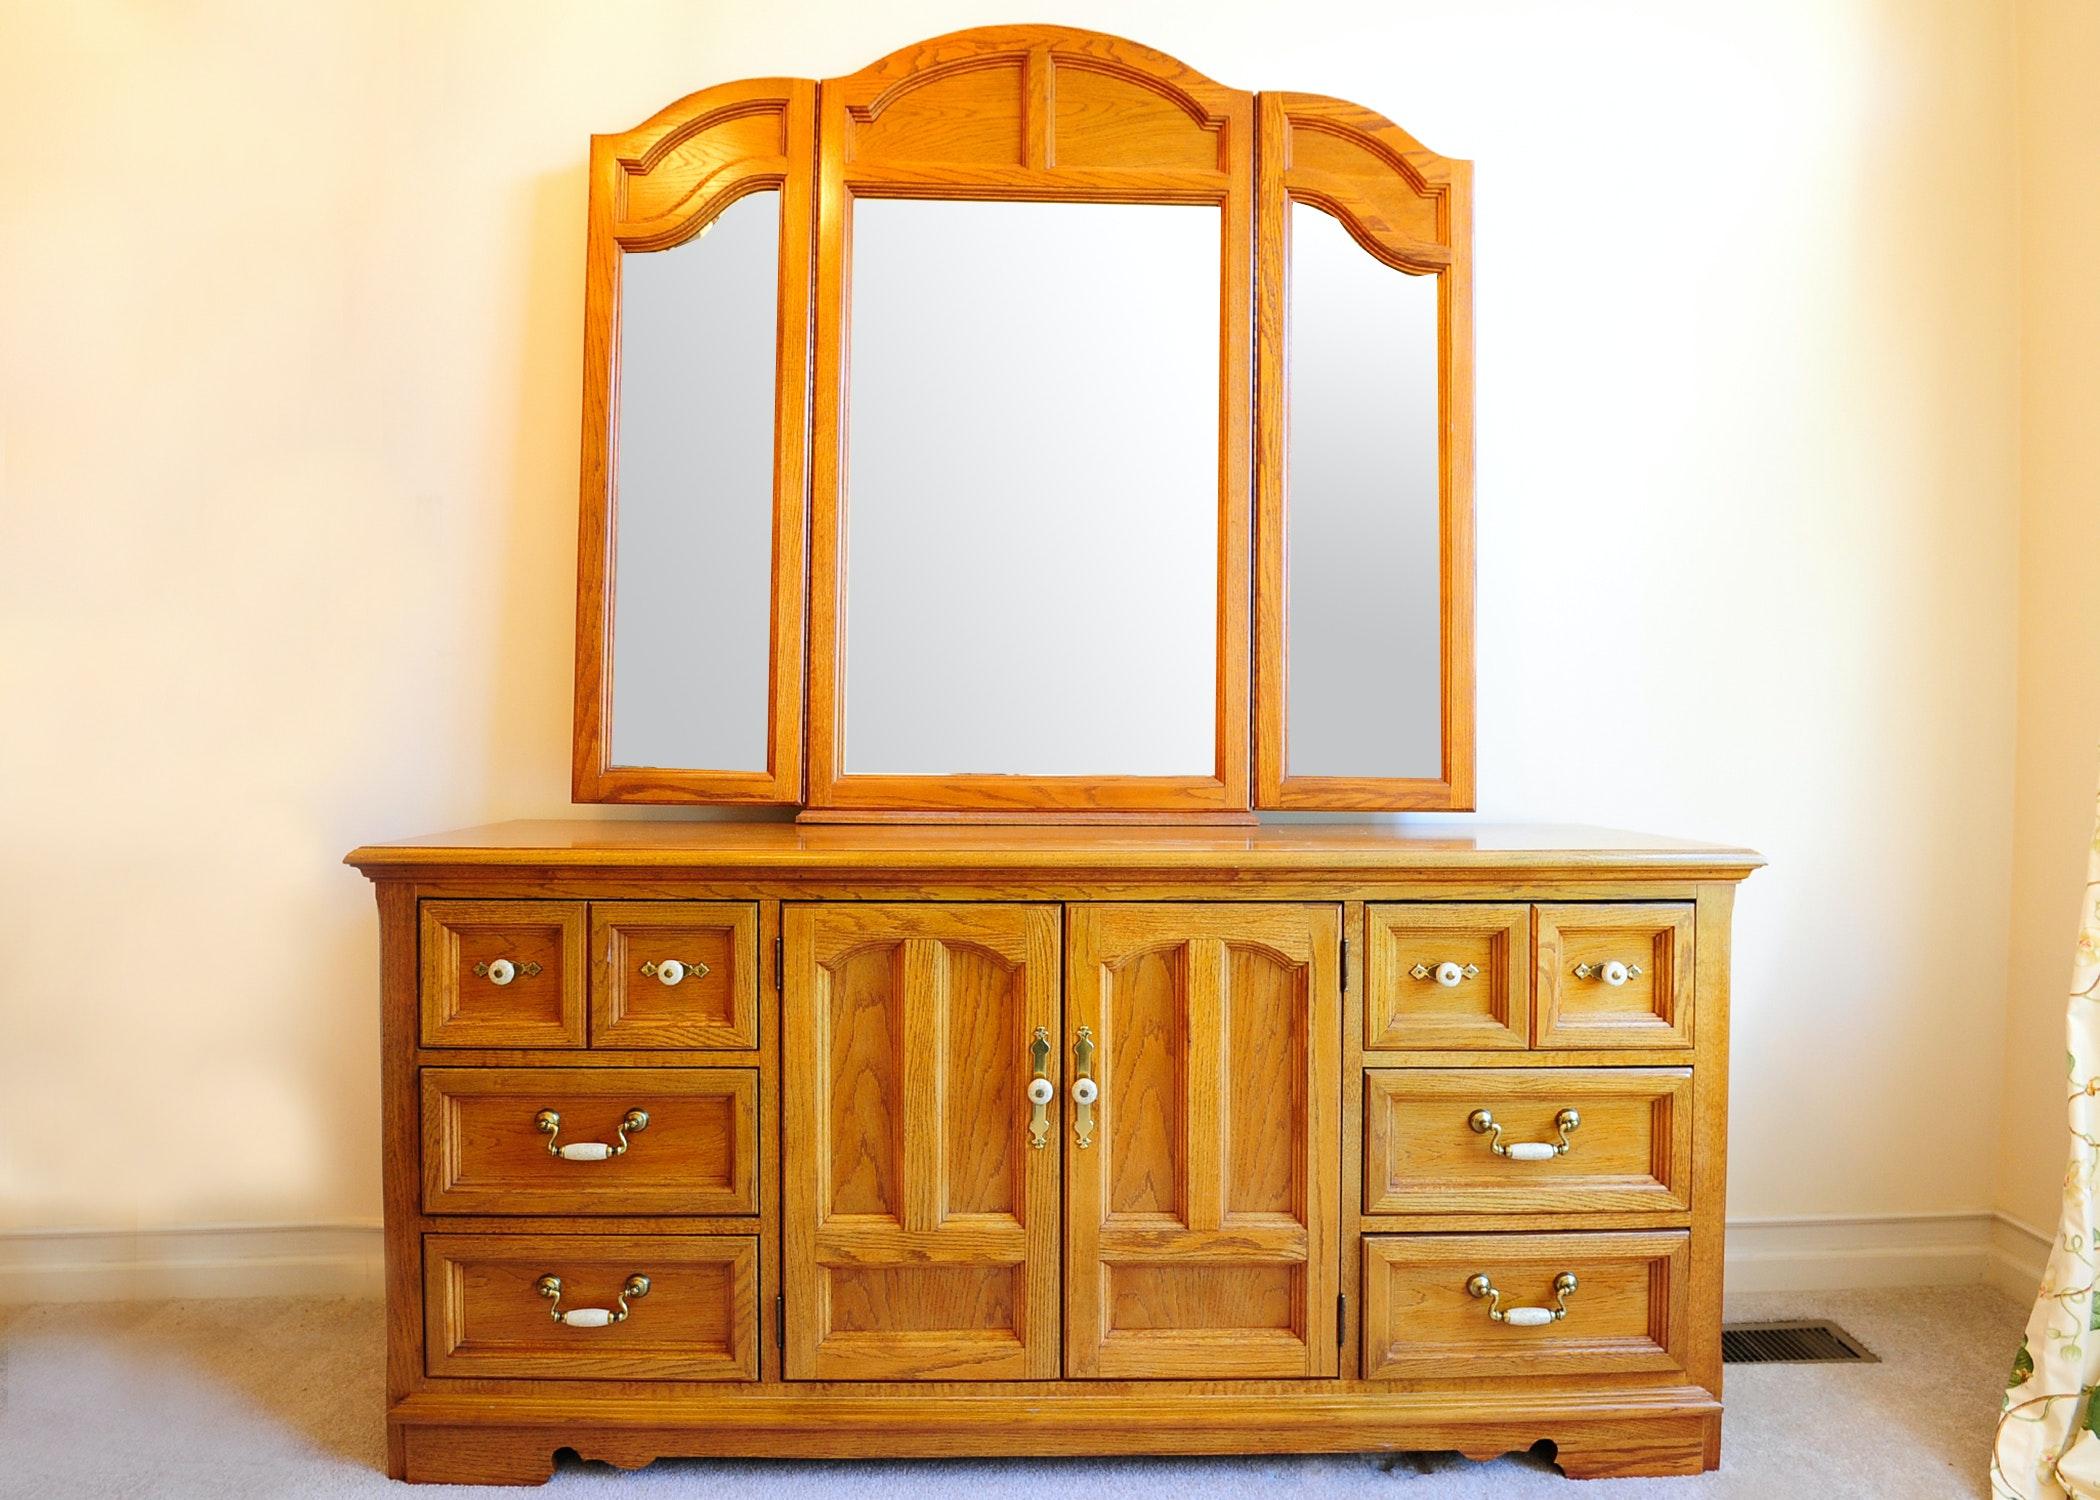 Thomasville Furniture Oak Dresser With Tri View Mirror ...